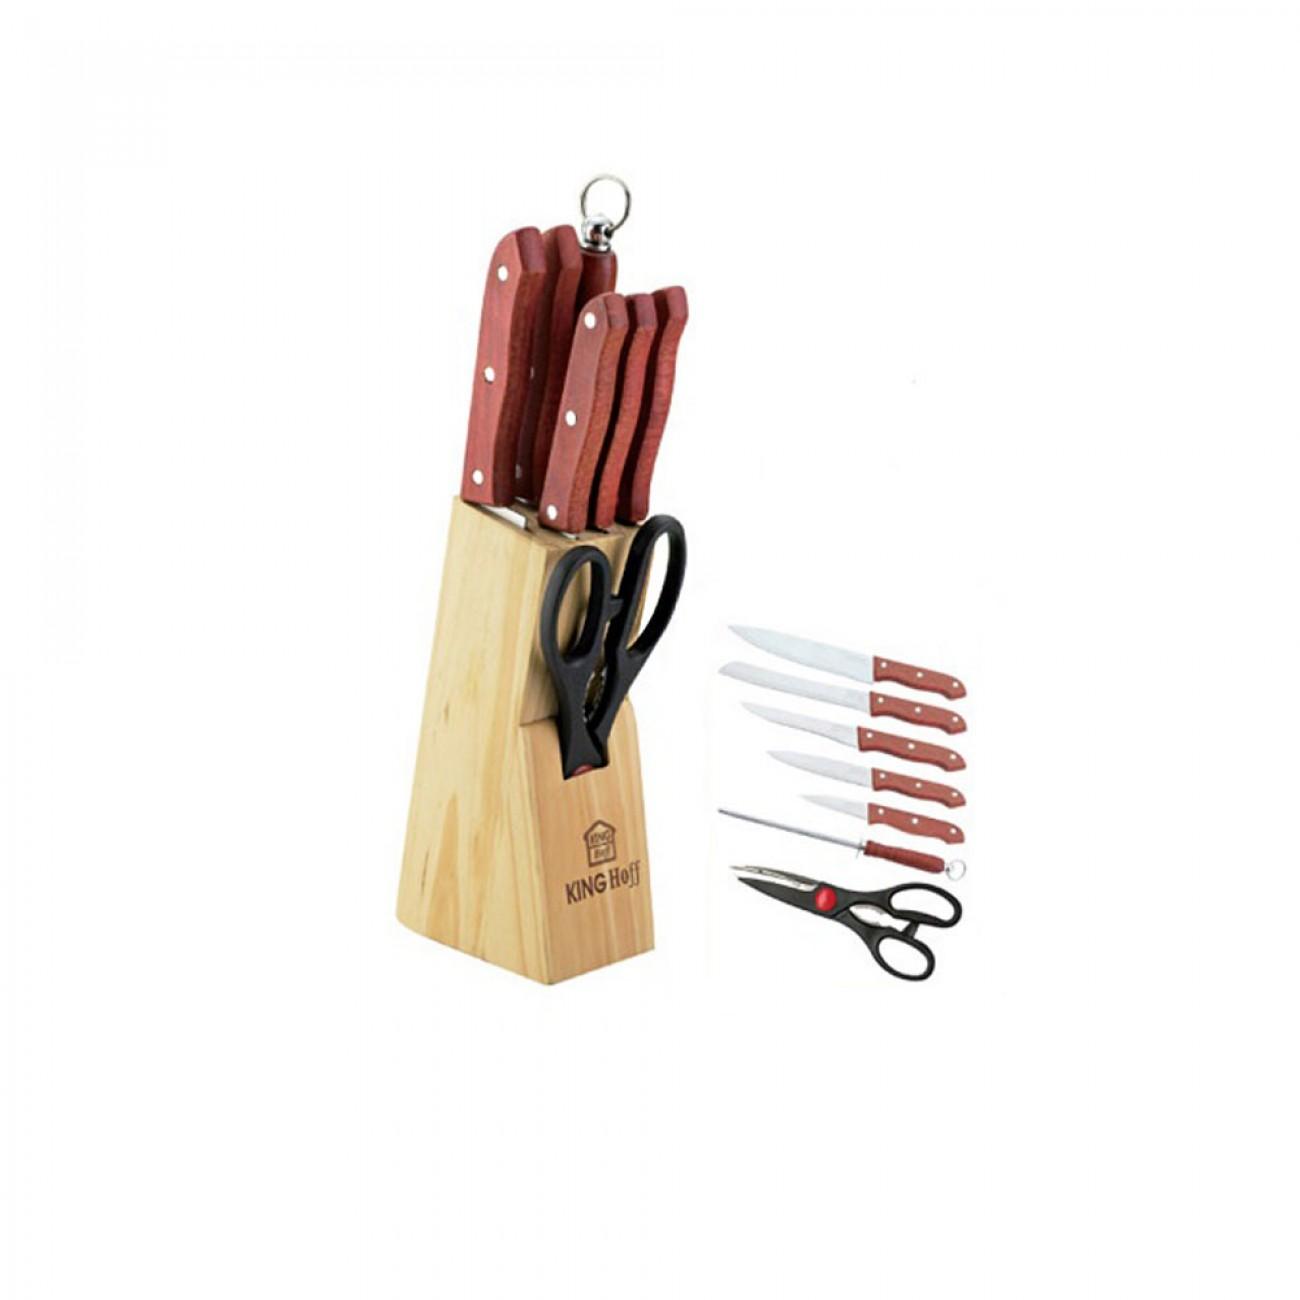 Комплект ножове 5 бр + ножица и точило KingHoff KH 3445, Дървена поставка в Комплекти ножове - Kinghoff | Alleop